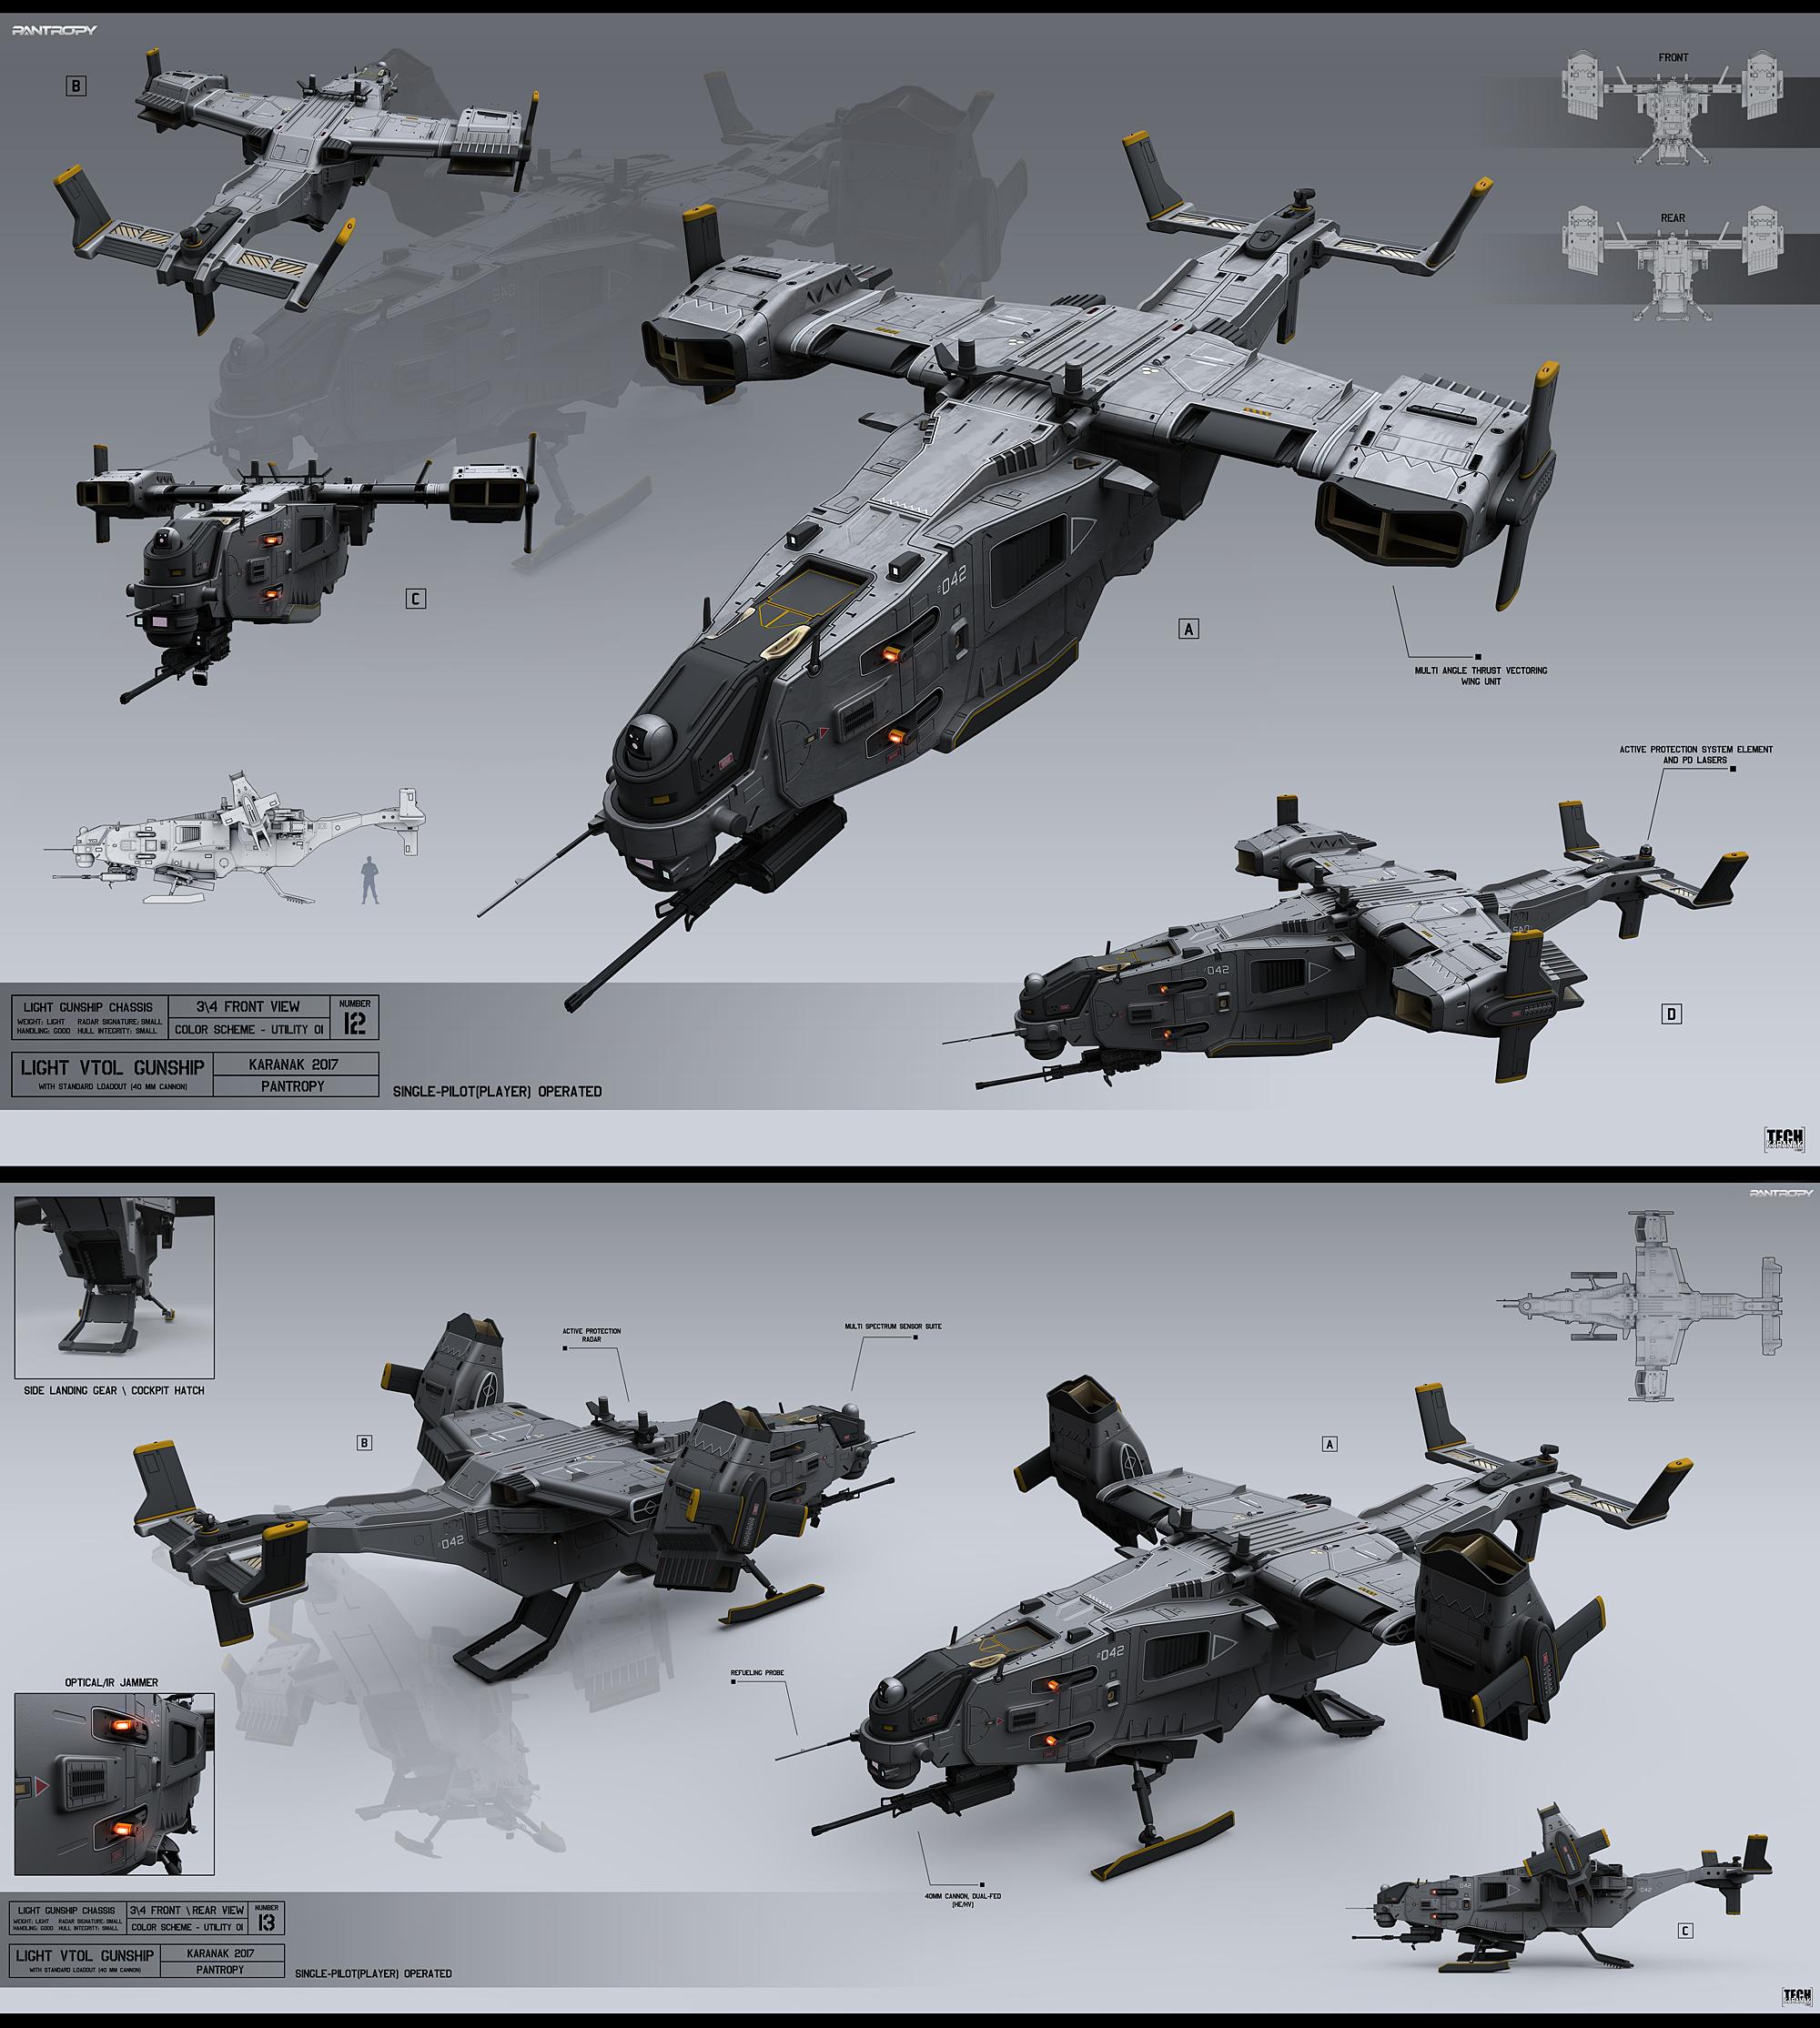 Light VTOL gunship by KaranaK